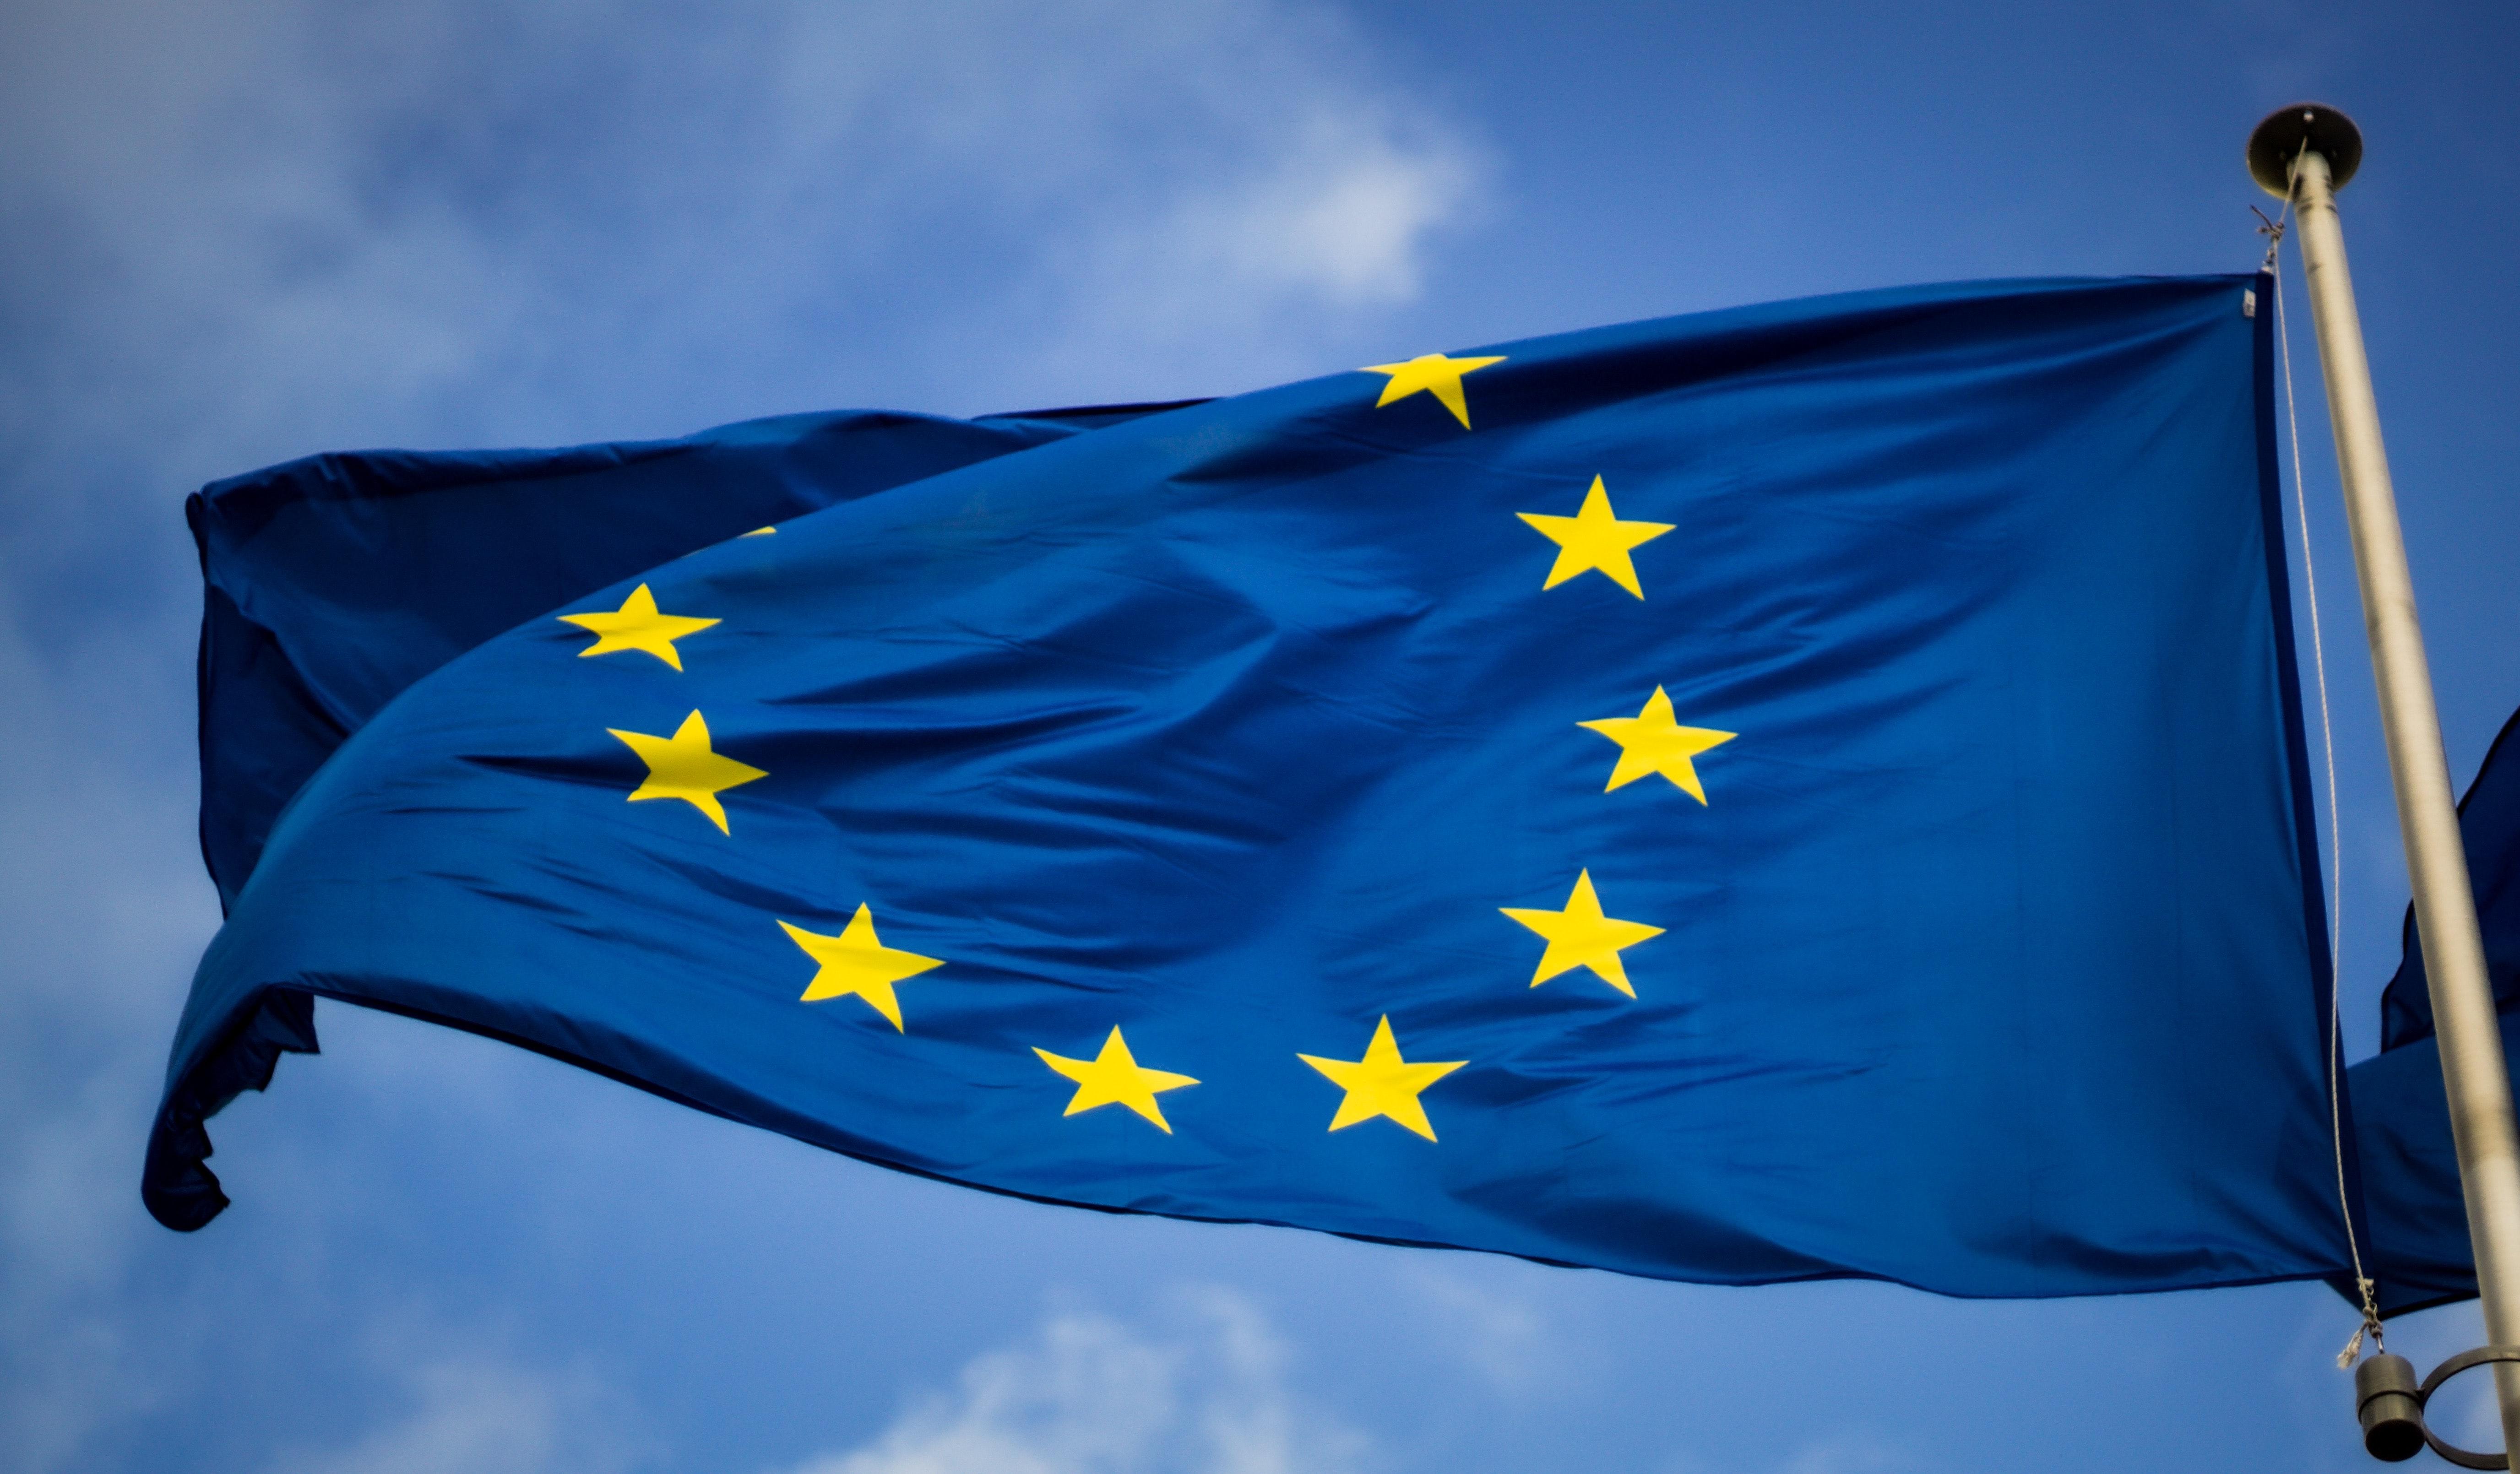 Η Ελλάδα με την οικονομική της ανάπτυξη κατά τη διάρκεια πανδημίας αποτέλεσε ένα παράδειγμα για όλες τις χώρες της ΕΕ